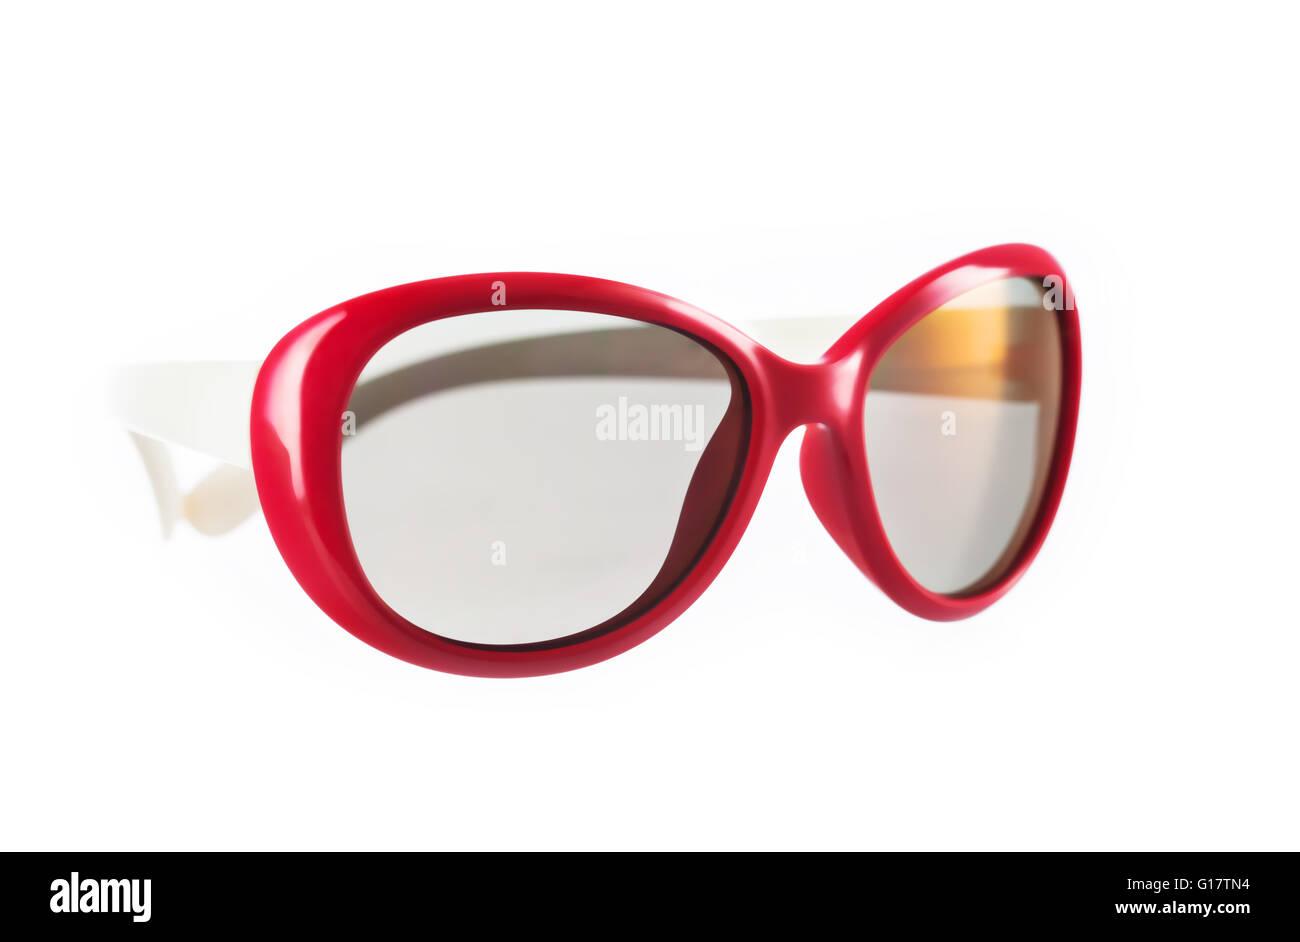 Il bianco e il rosso degli occhiali. Immagini Stock